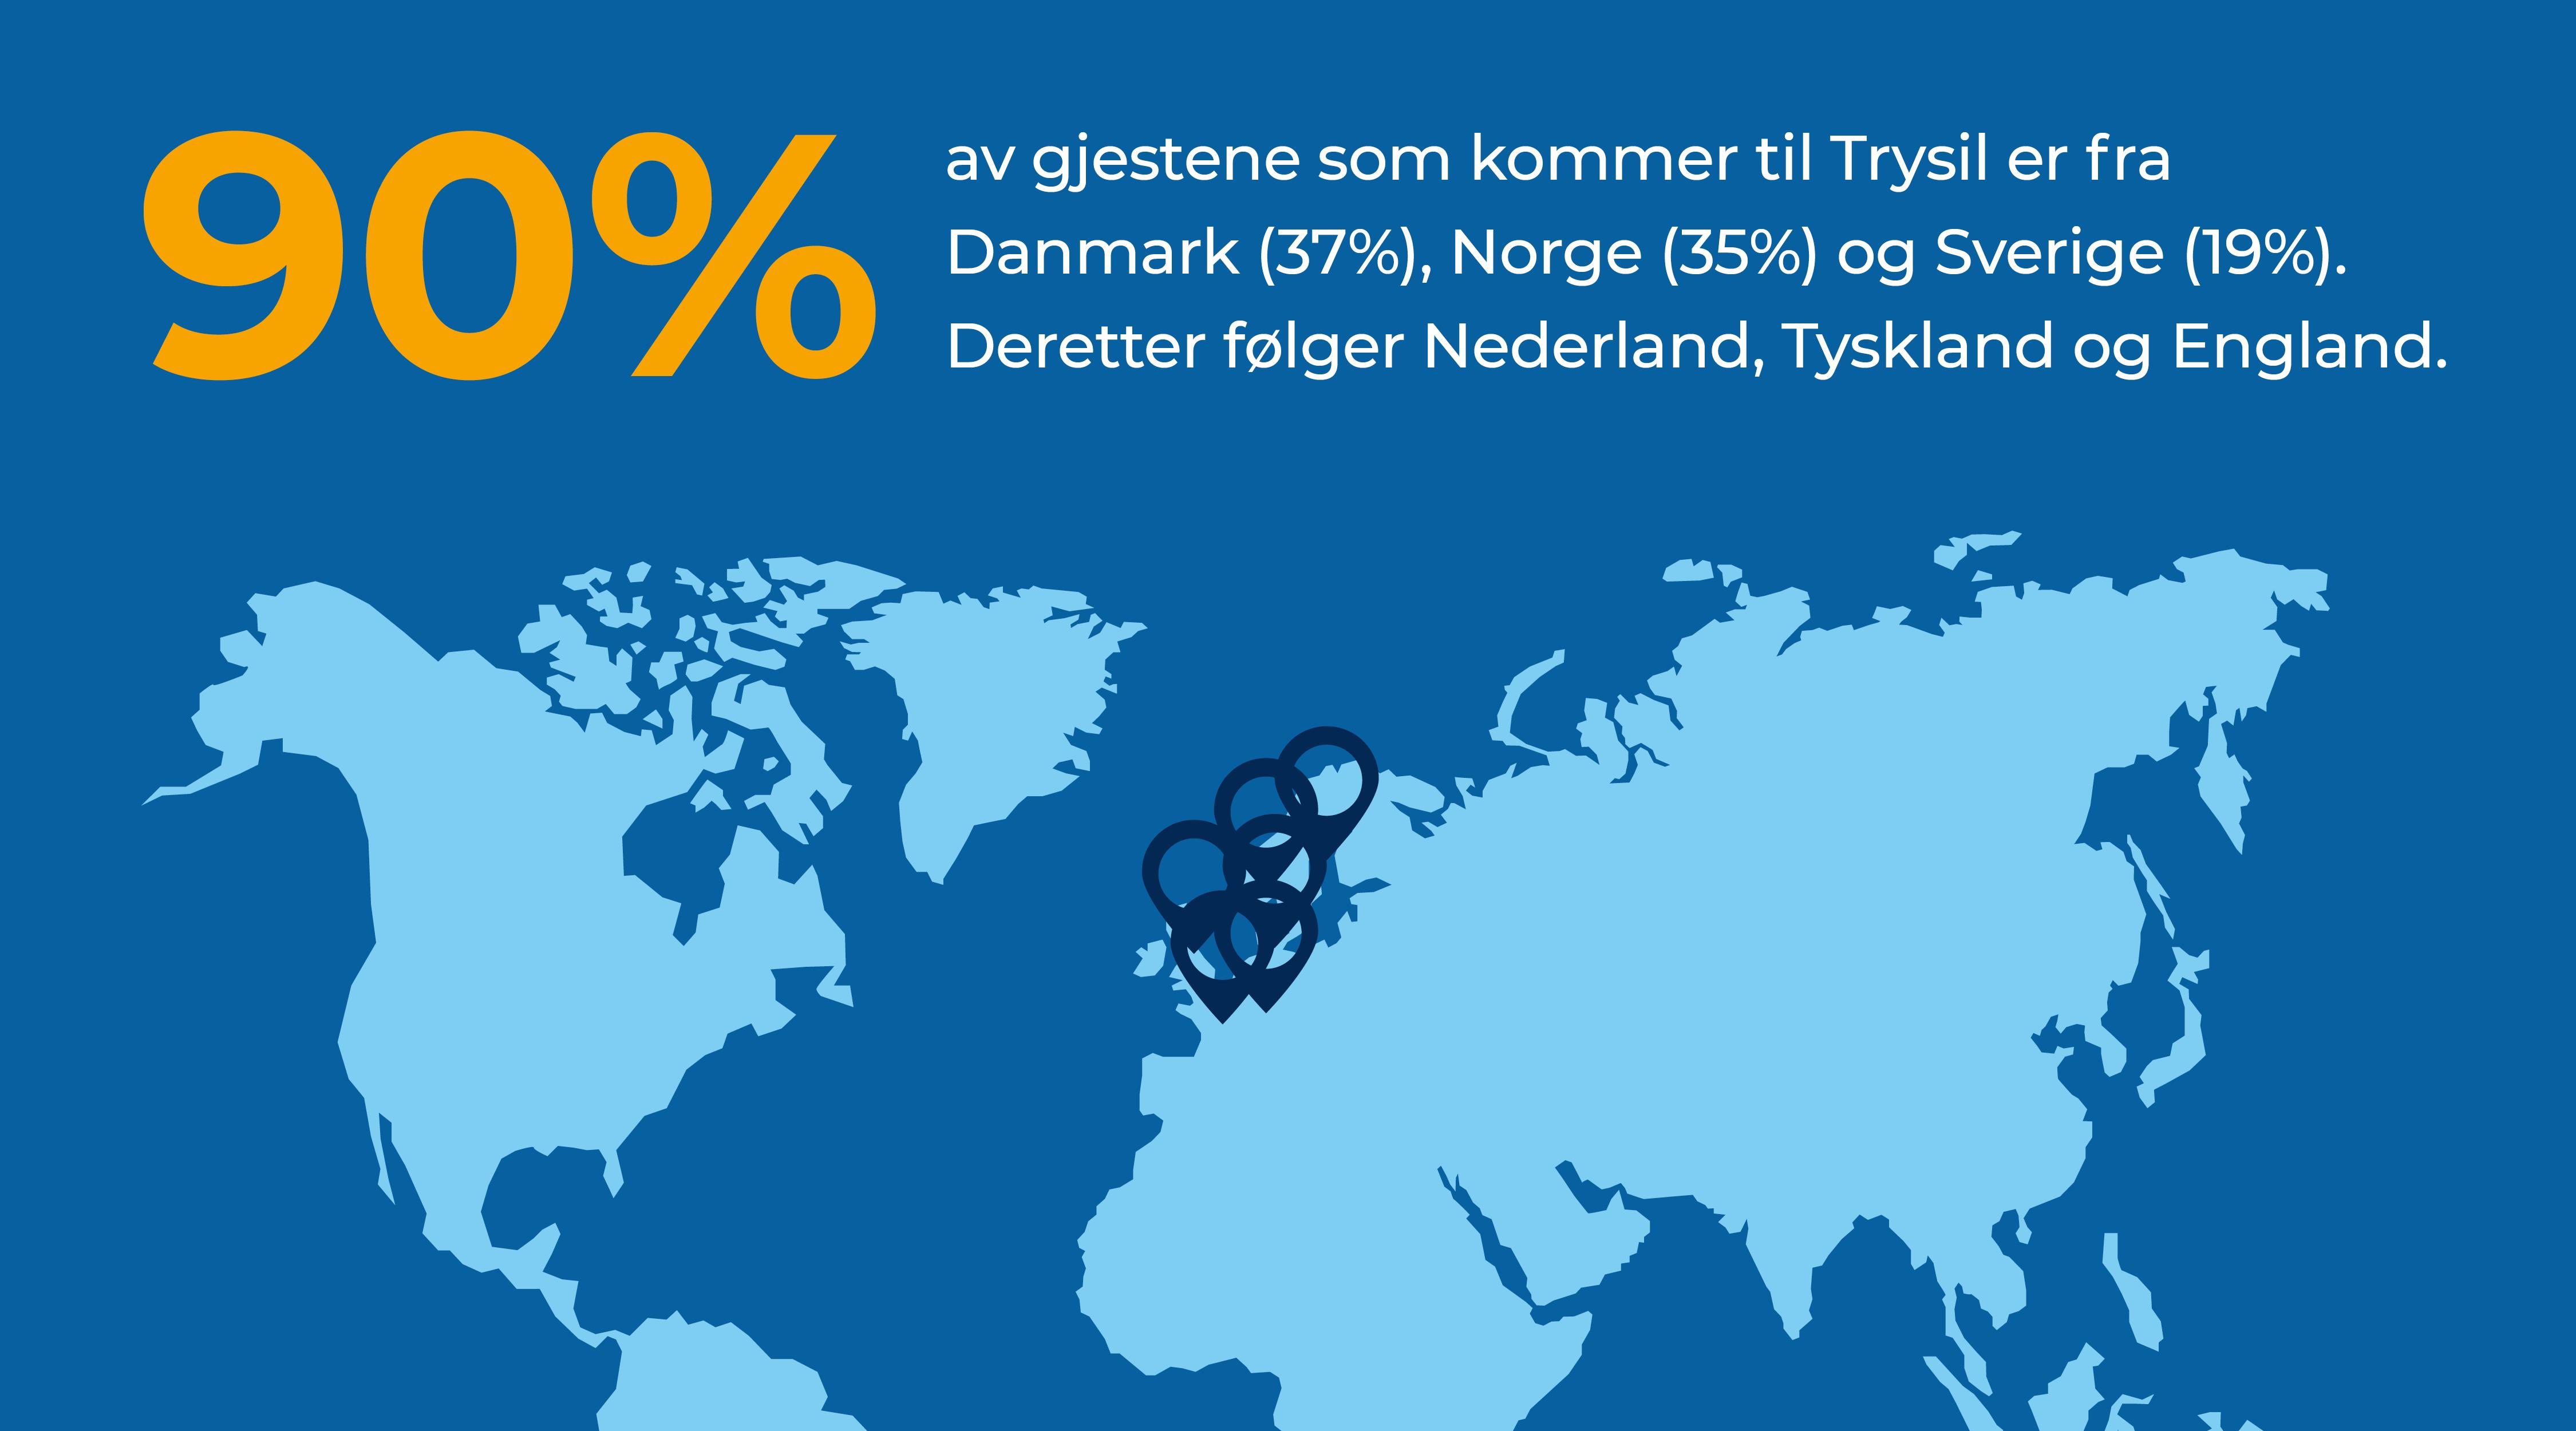 90% av gjestene som kommer til Trysil er fra Danmark (37%), Norge (35%) og Sverige (19%). Deretter følger Nederland, Tyskland og England.